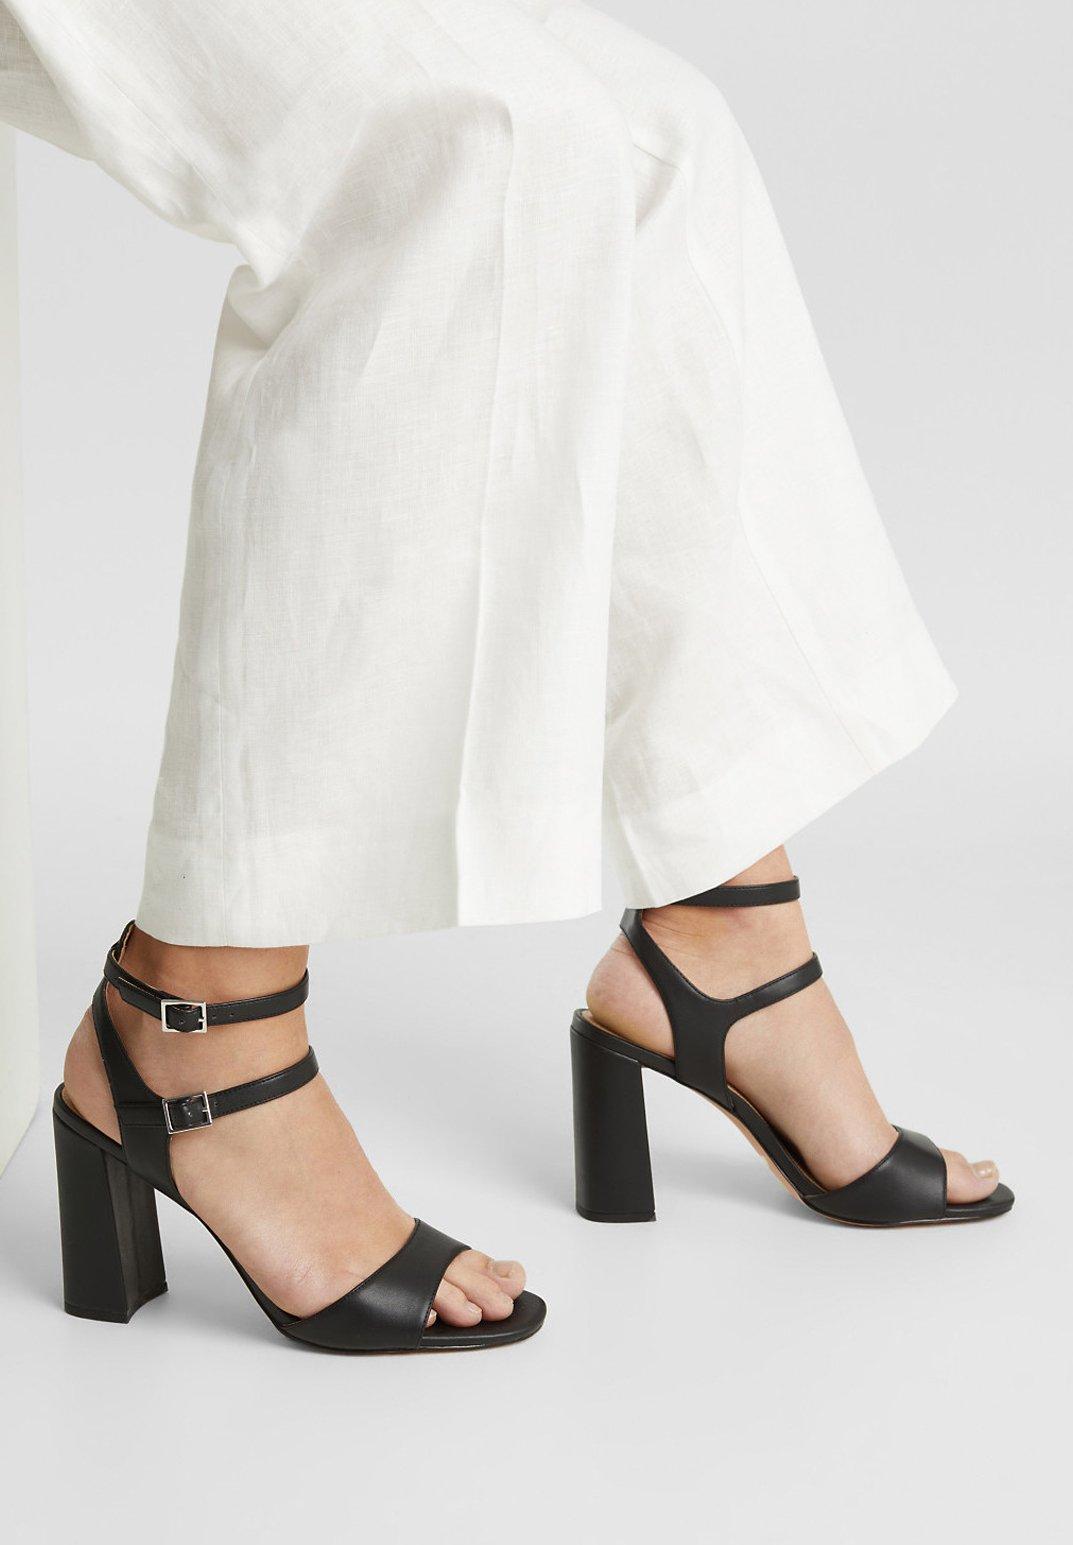 Damen SANDALETTEN IN LEDER-OPTIK - High Heel Sandalette